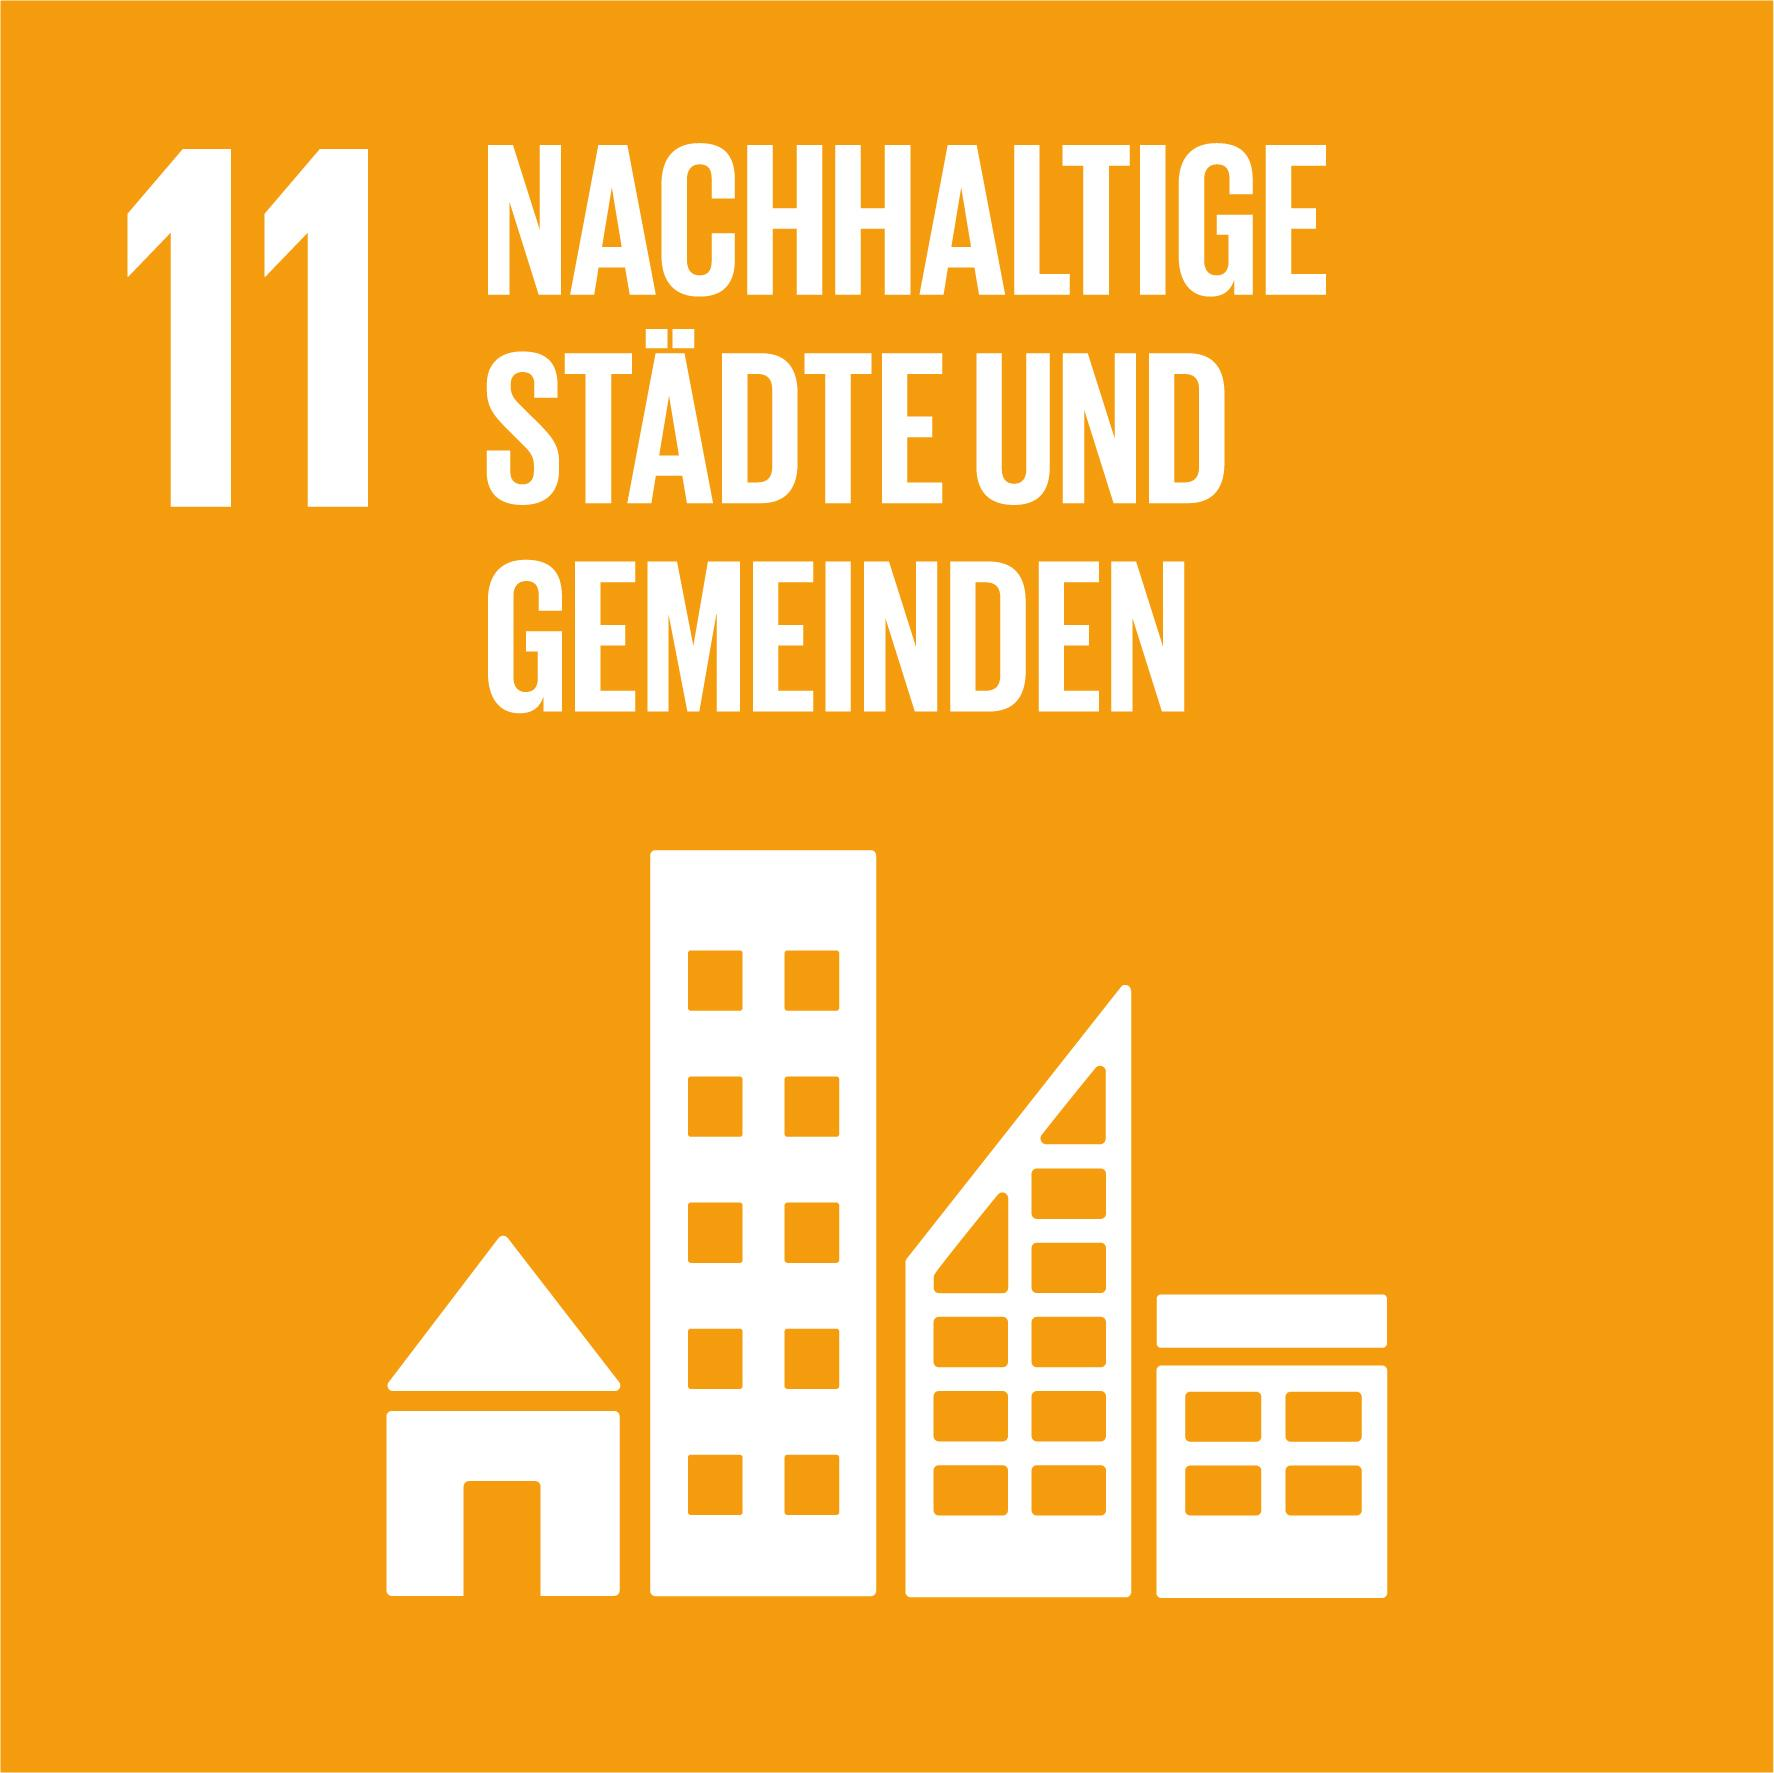 17 Nachhaltigkeitsziele - Ziel 11